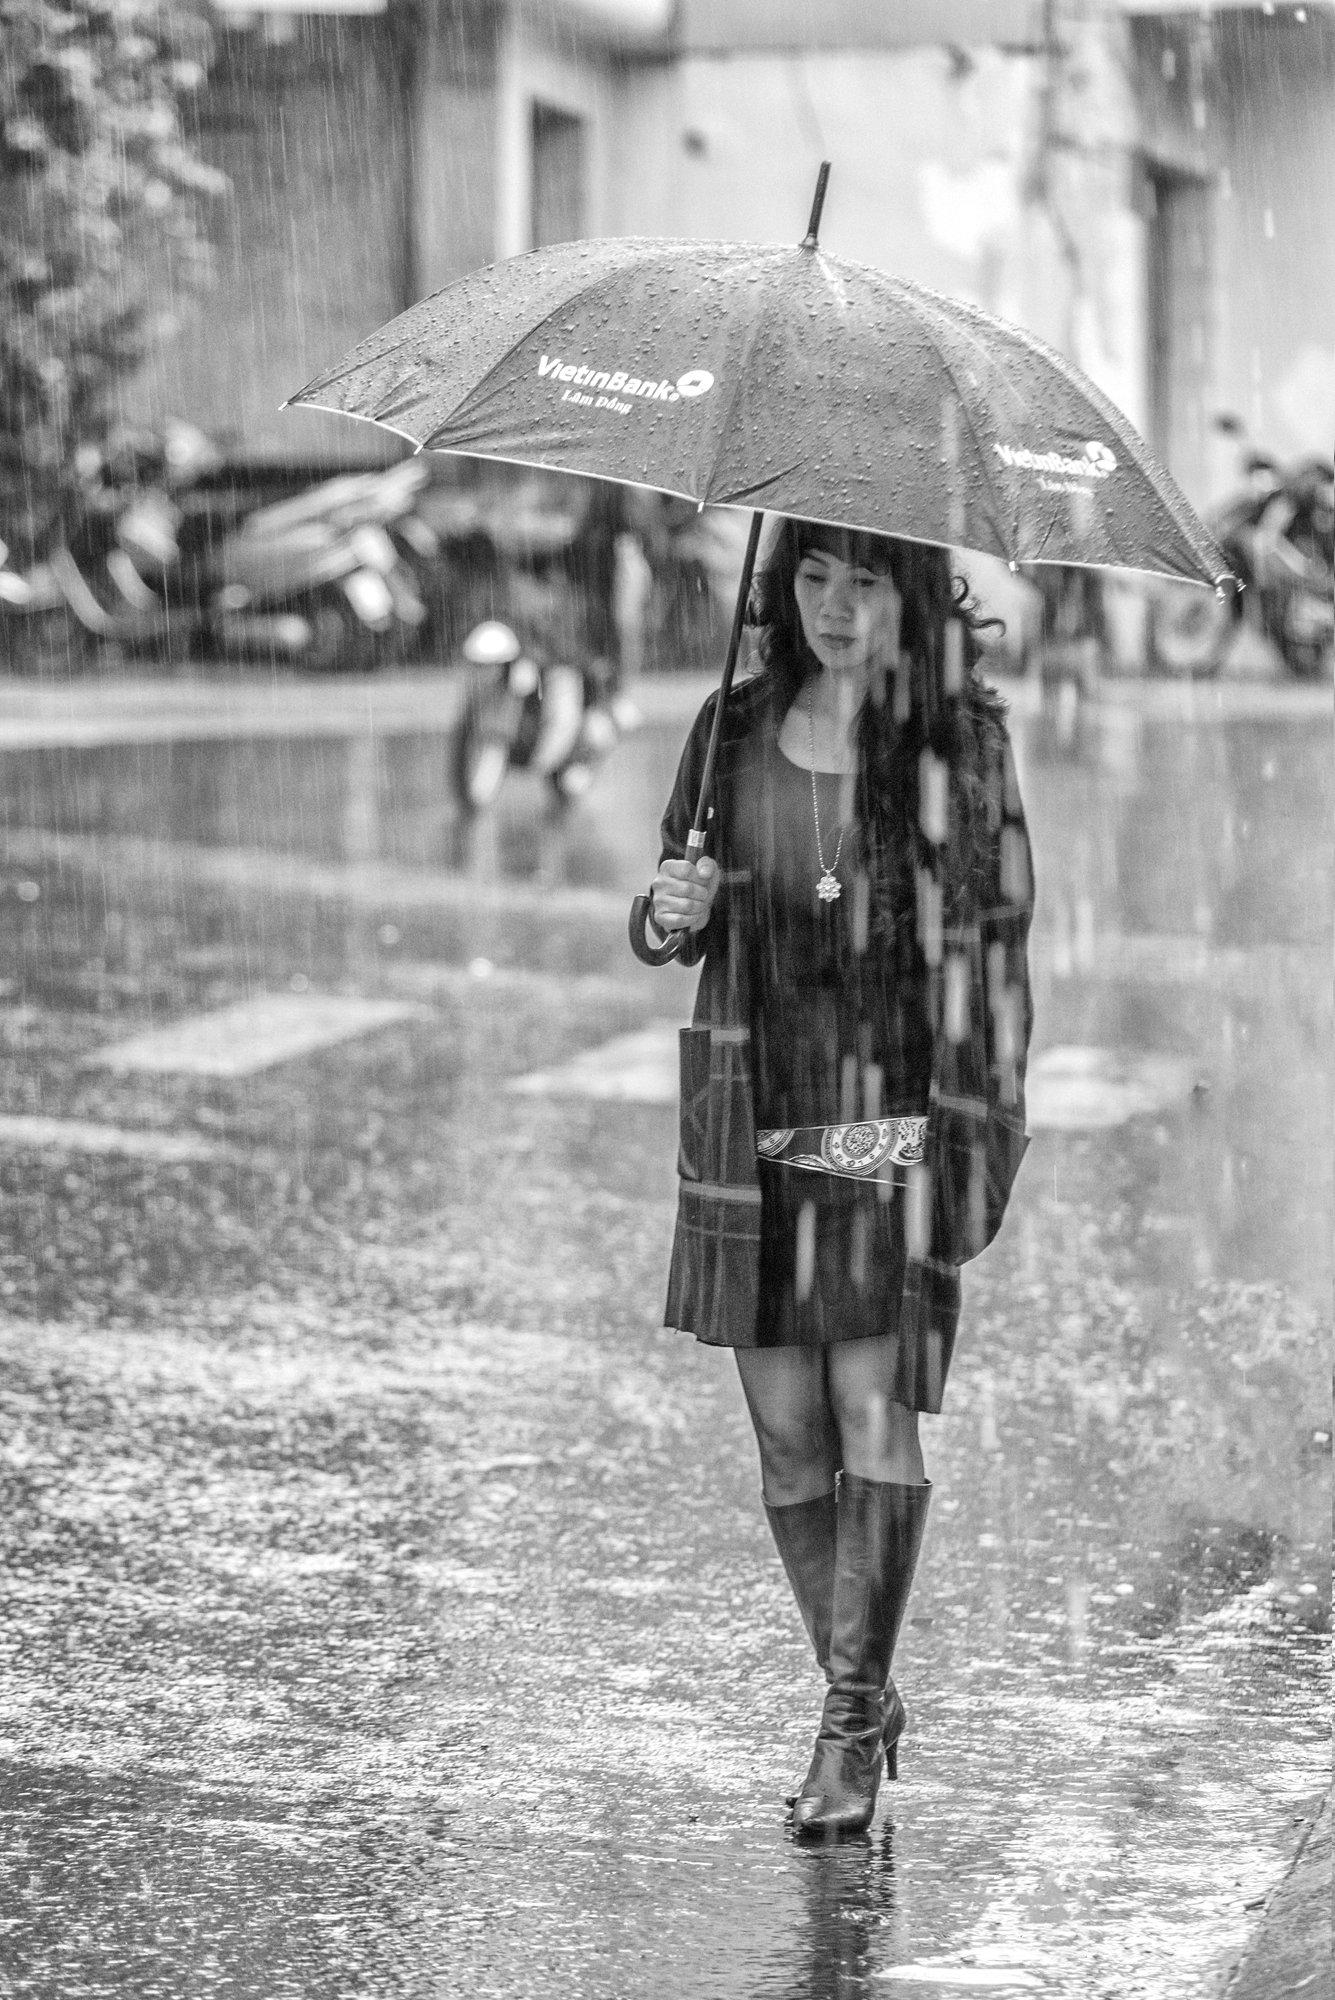 the rain pm dalat vietnam , Hoang Viet